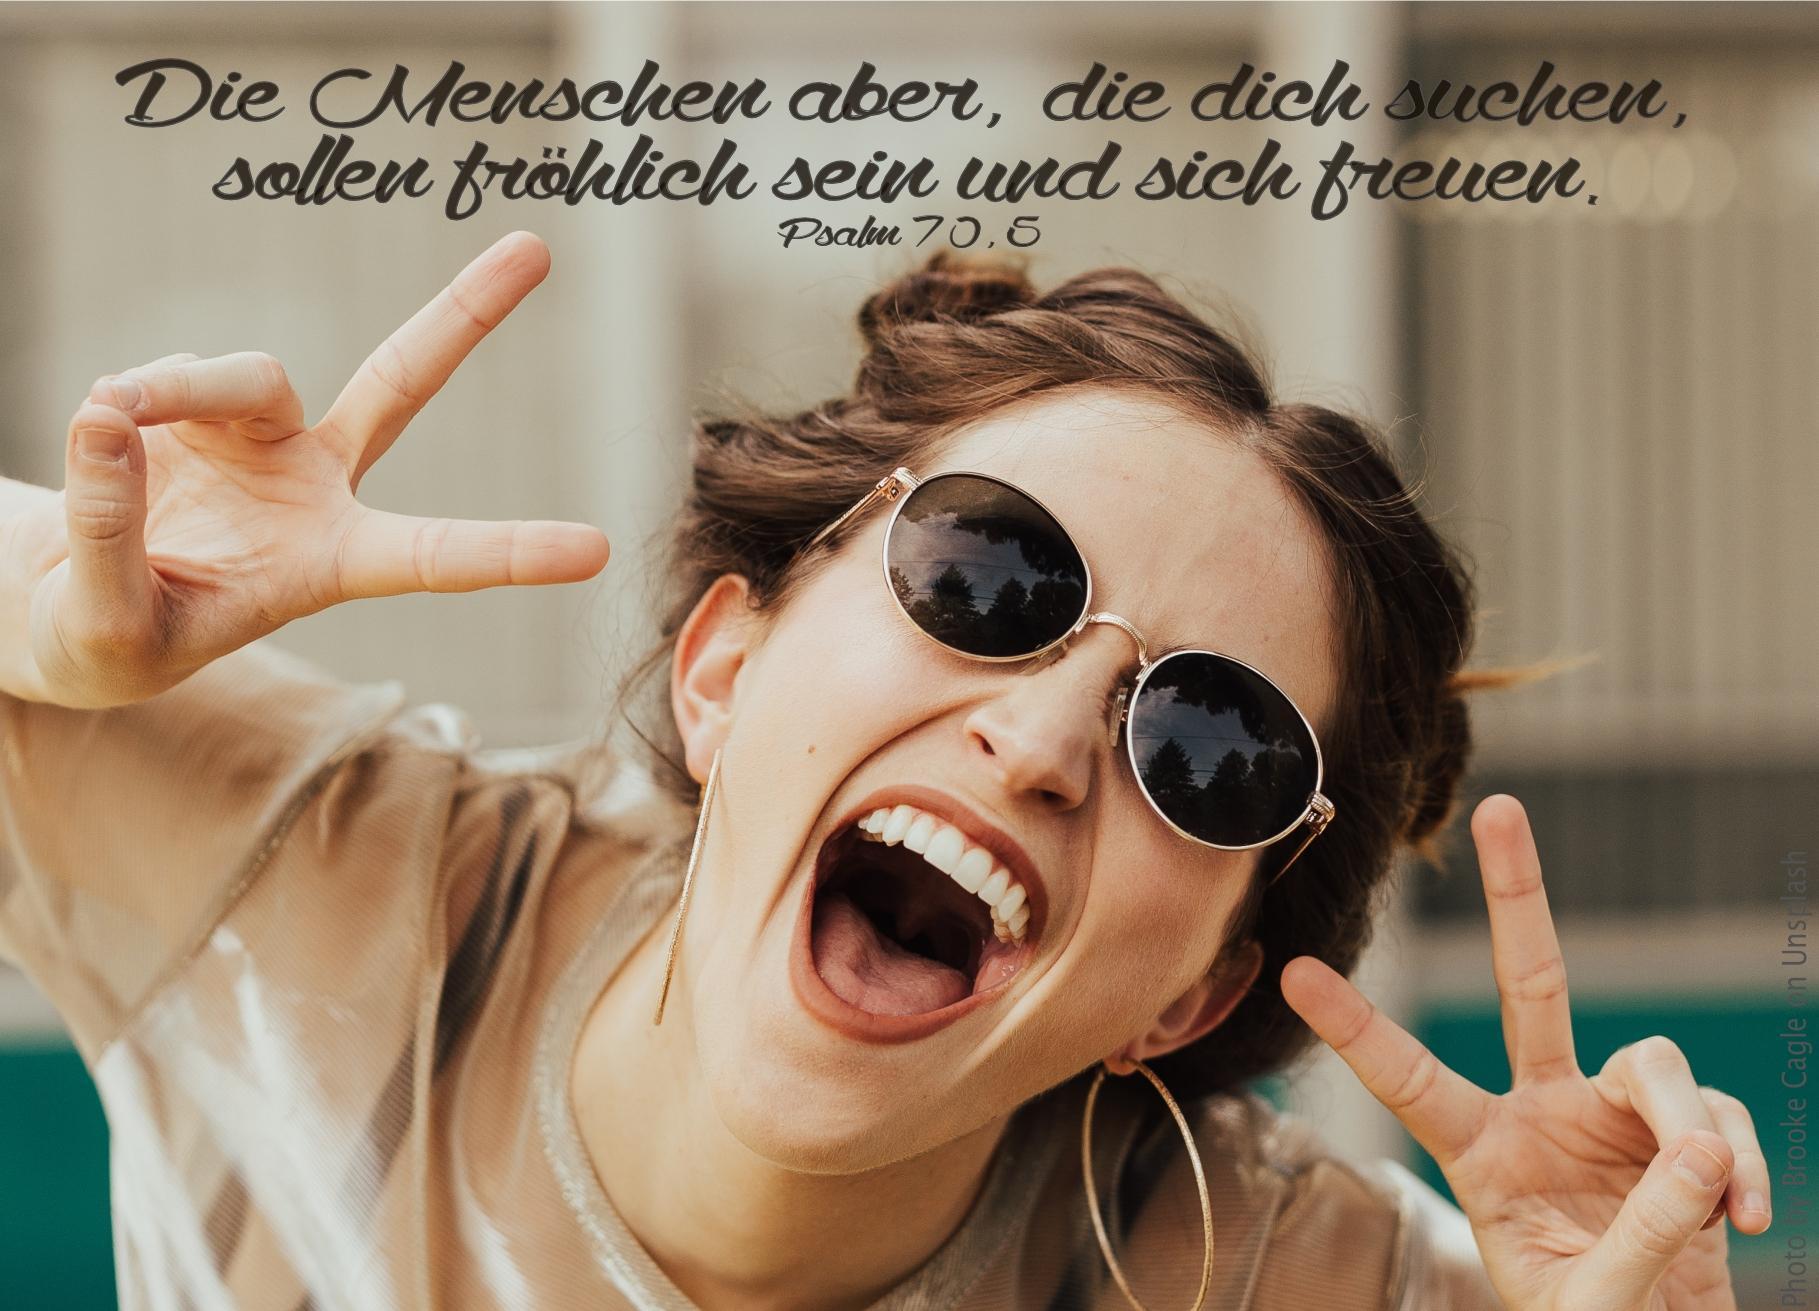 """alt=""""Frau_mit_Sonnenbrille_lacht_laut_erwartet_bibelhoerbuch_Arbeit_fuer_die_Gemeinde"""""""